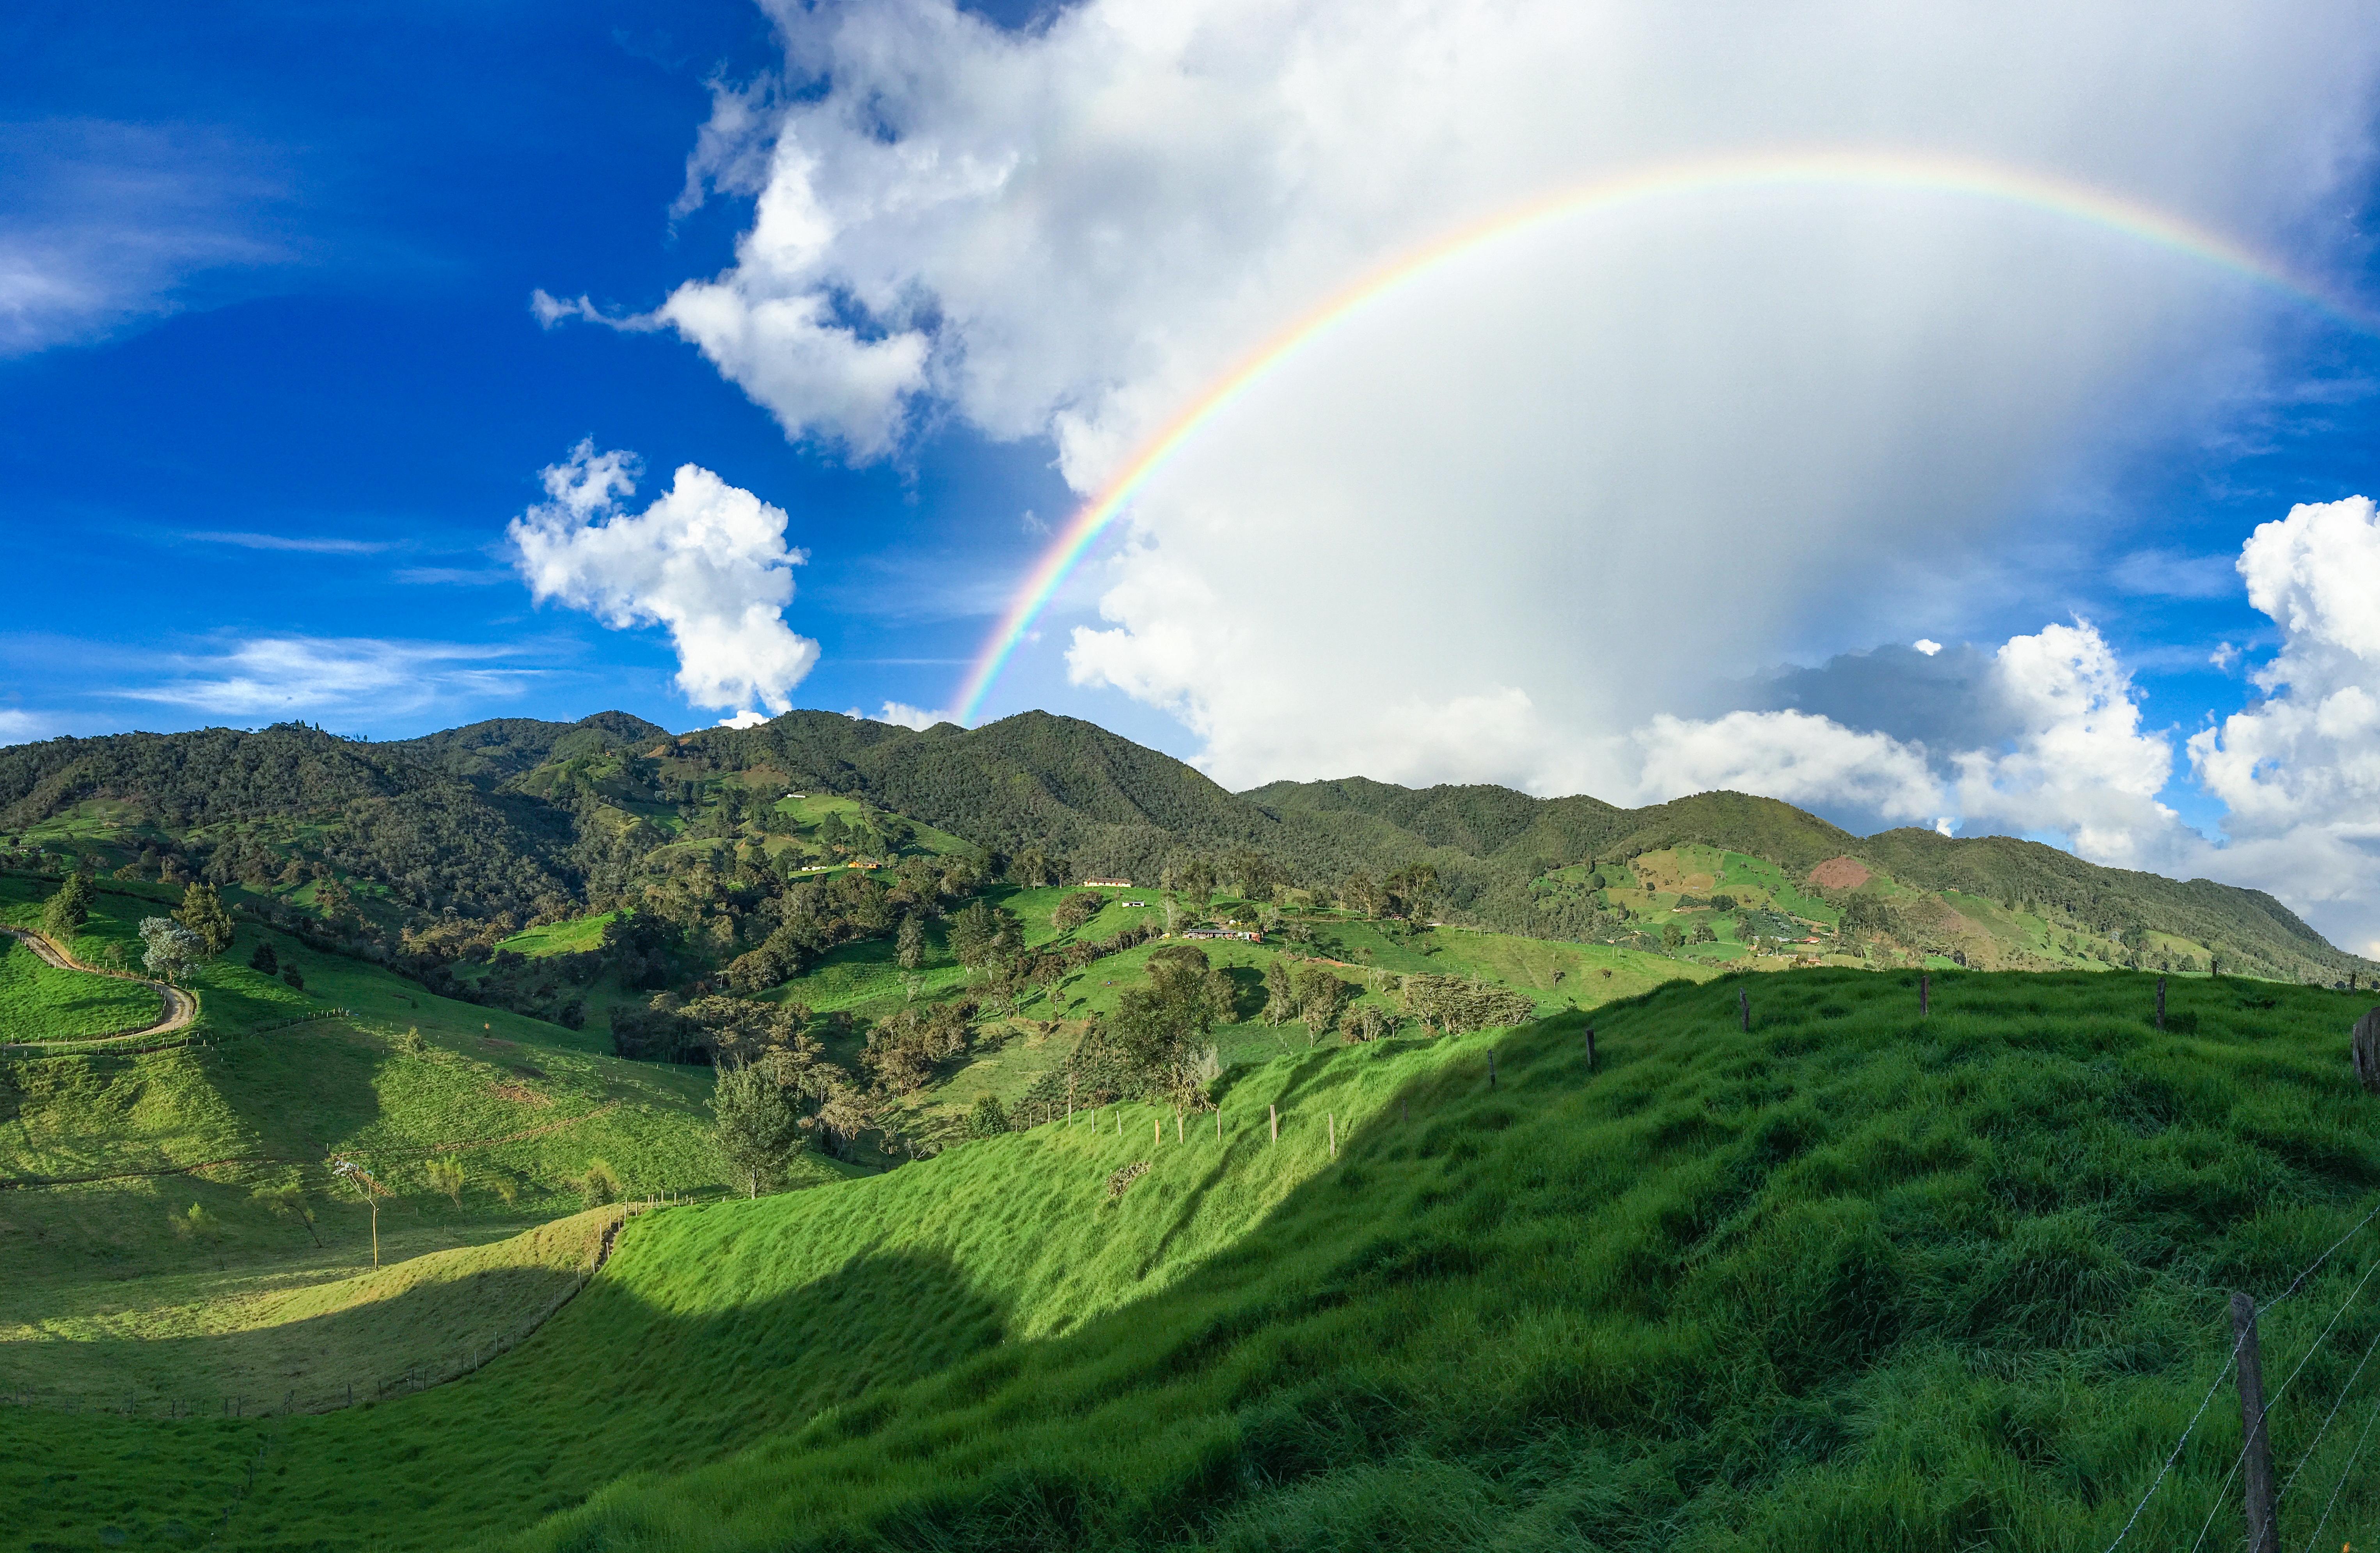 Rainbow over Colombian farmland